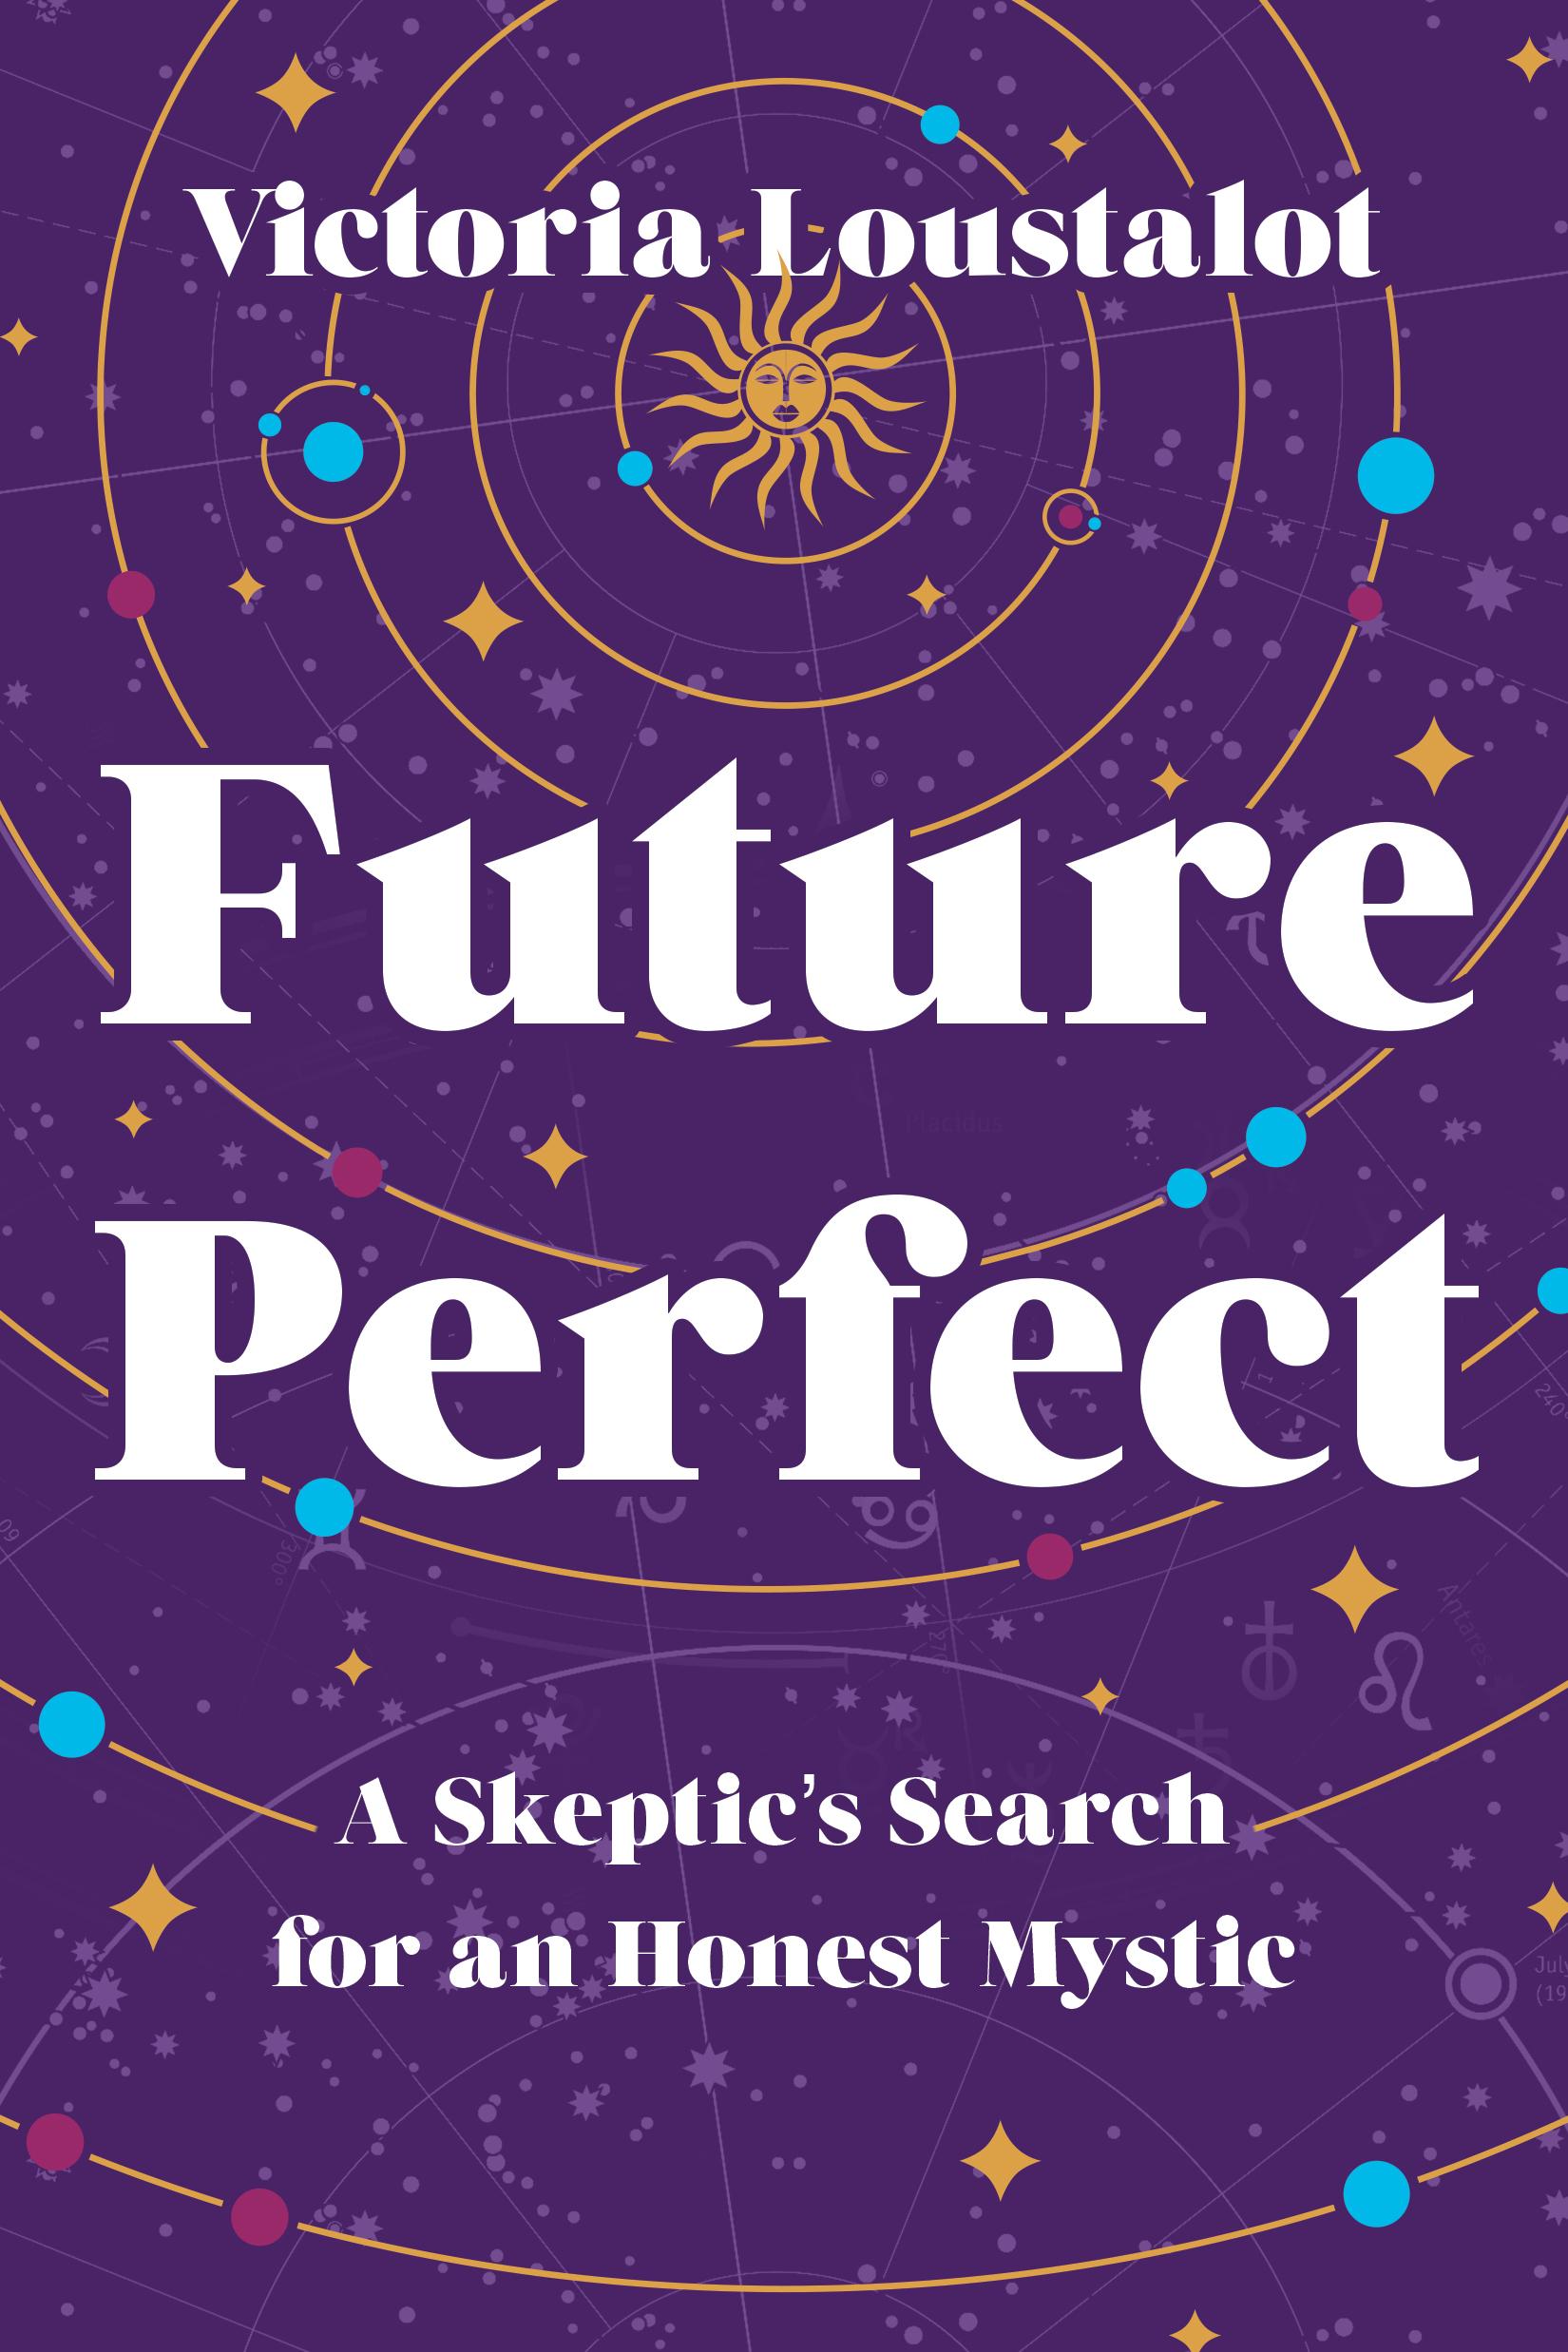 Loustalot-FuturePerfect-24761-CV-FT-v7.jpg